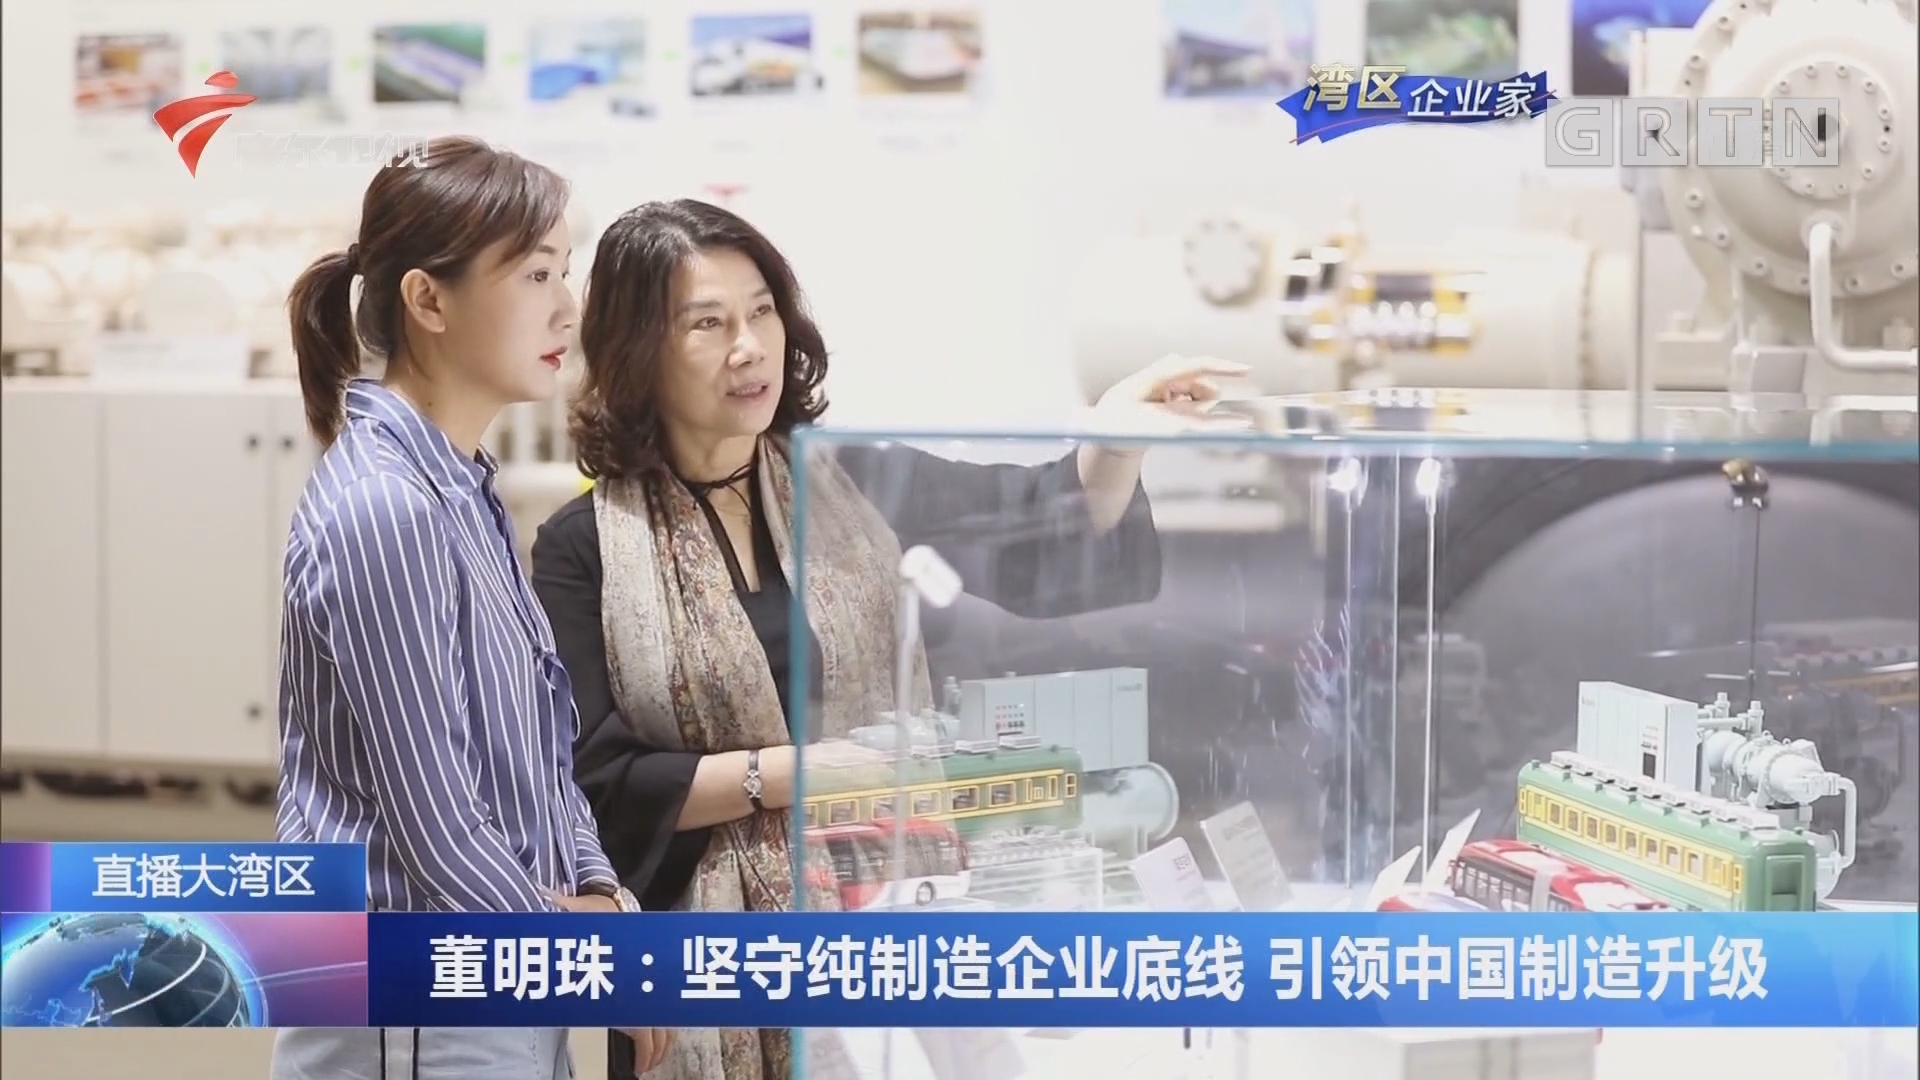 董明珠:坚守纯制造企业底线 引领中国制造升级